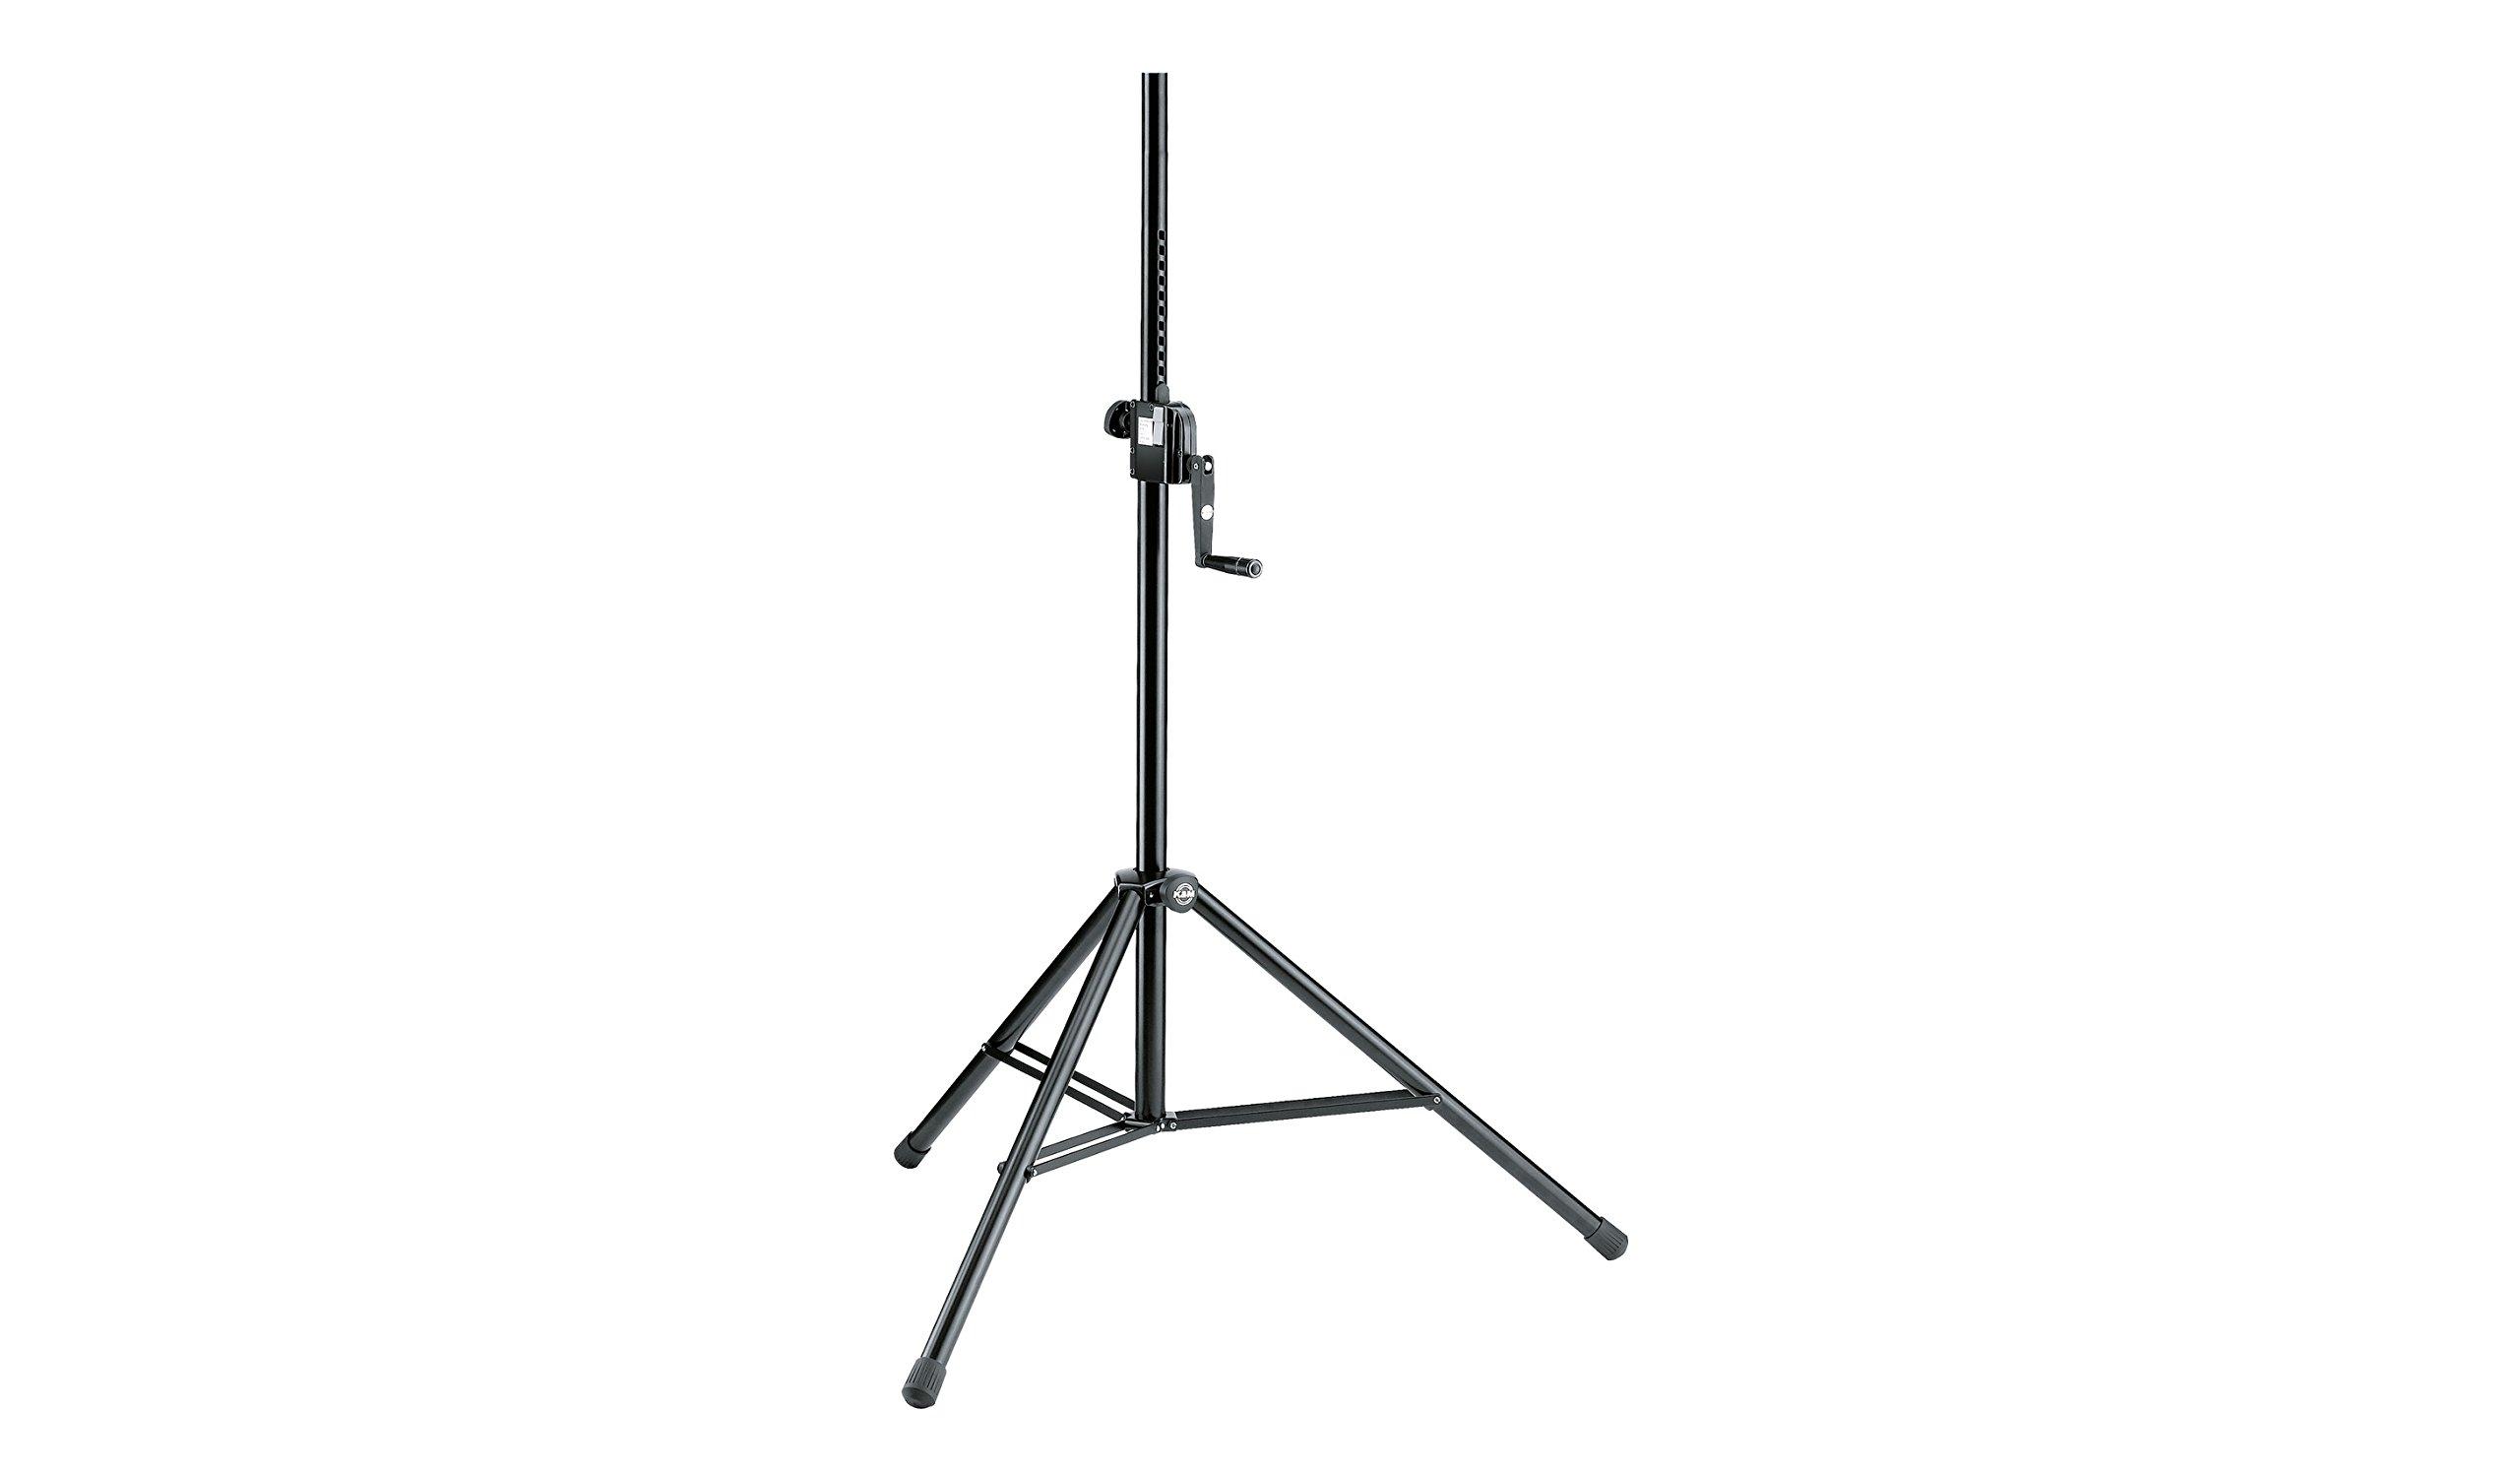 K&M 21300 Heavy Duty Speaker Stand